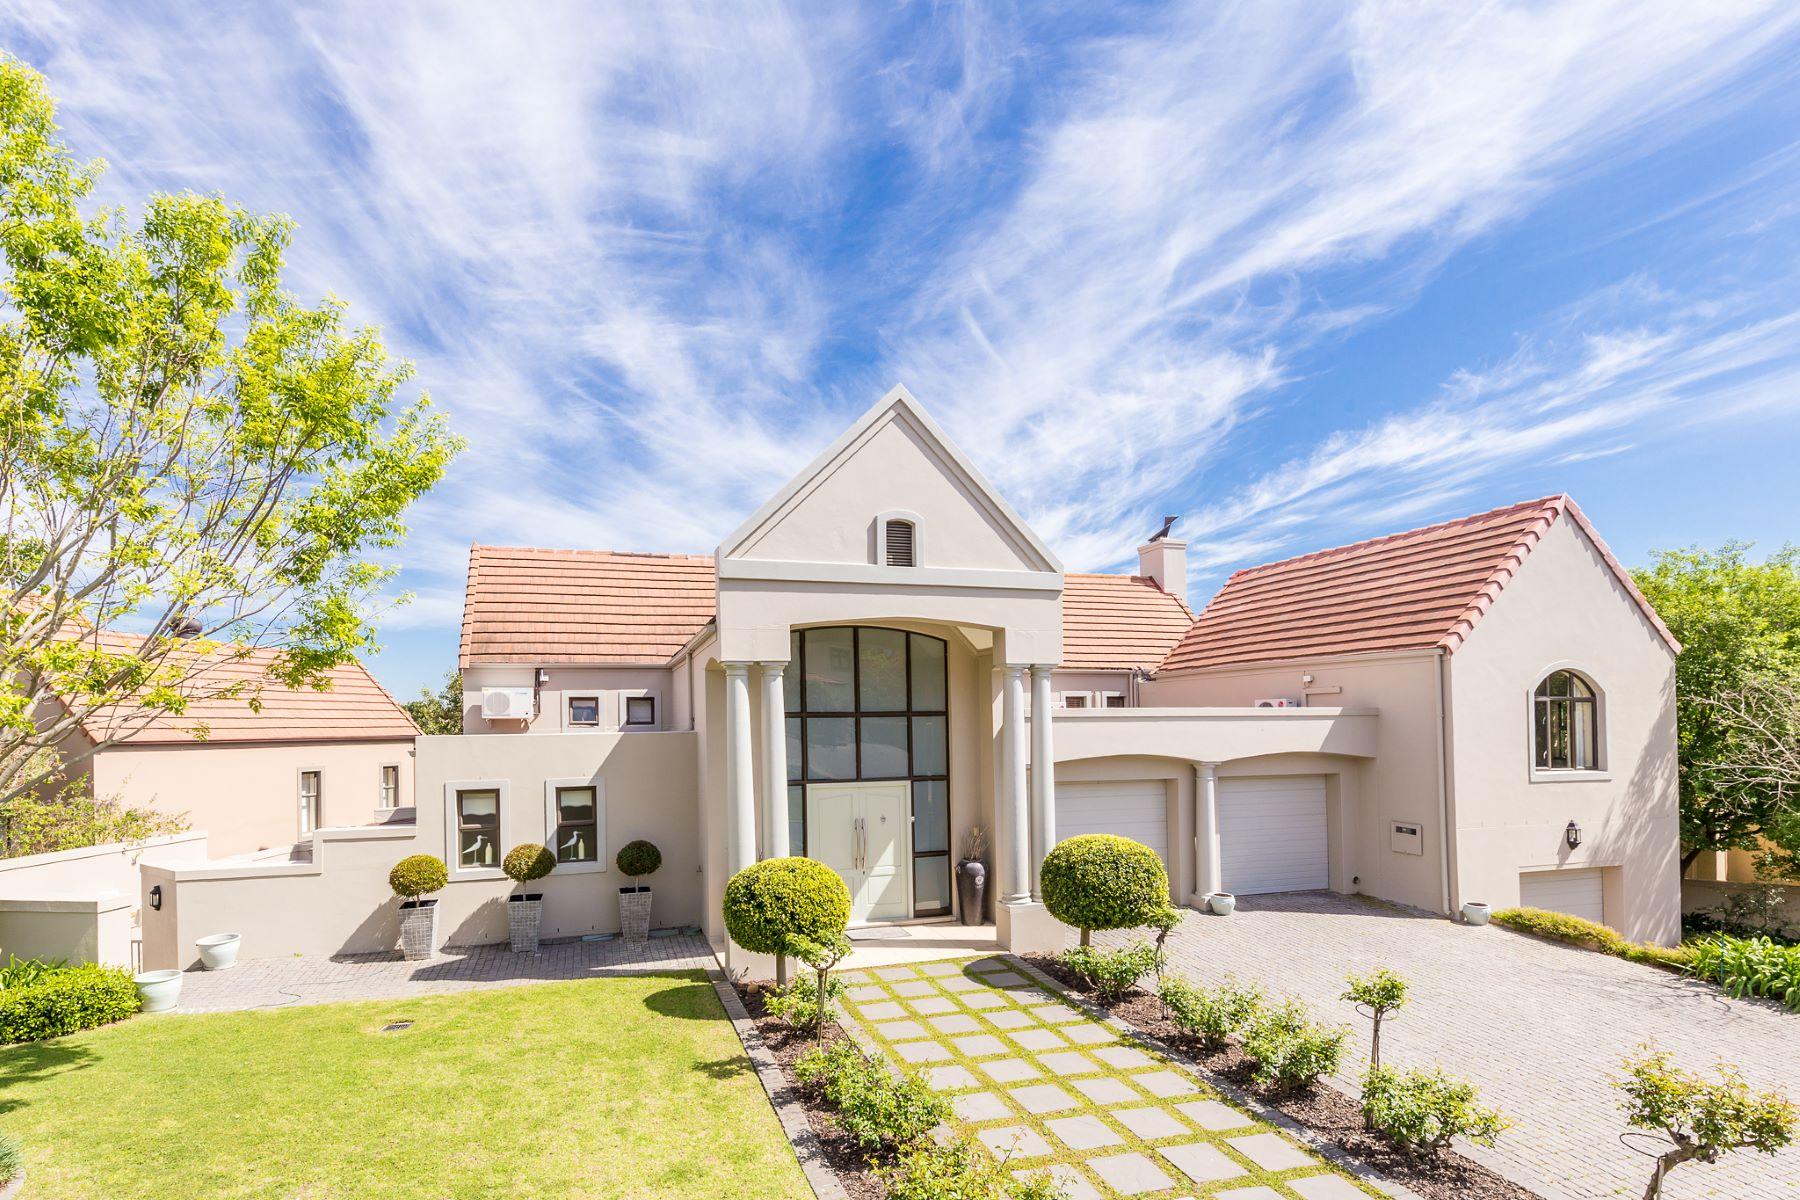 단독 가정 주택 용 매매 에 Boschenmeer Golf & Country Estate Paarl, 웨스턴 케이프, 7646 남아프리카